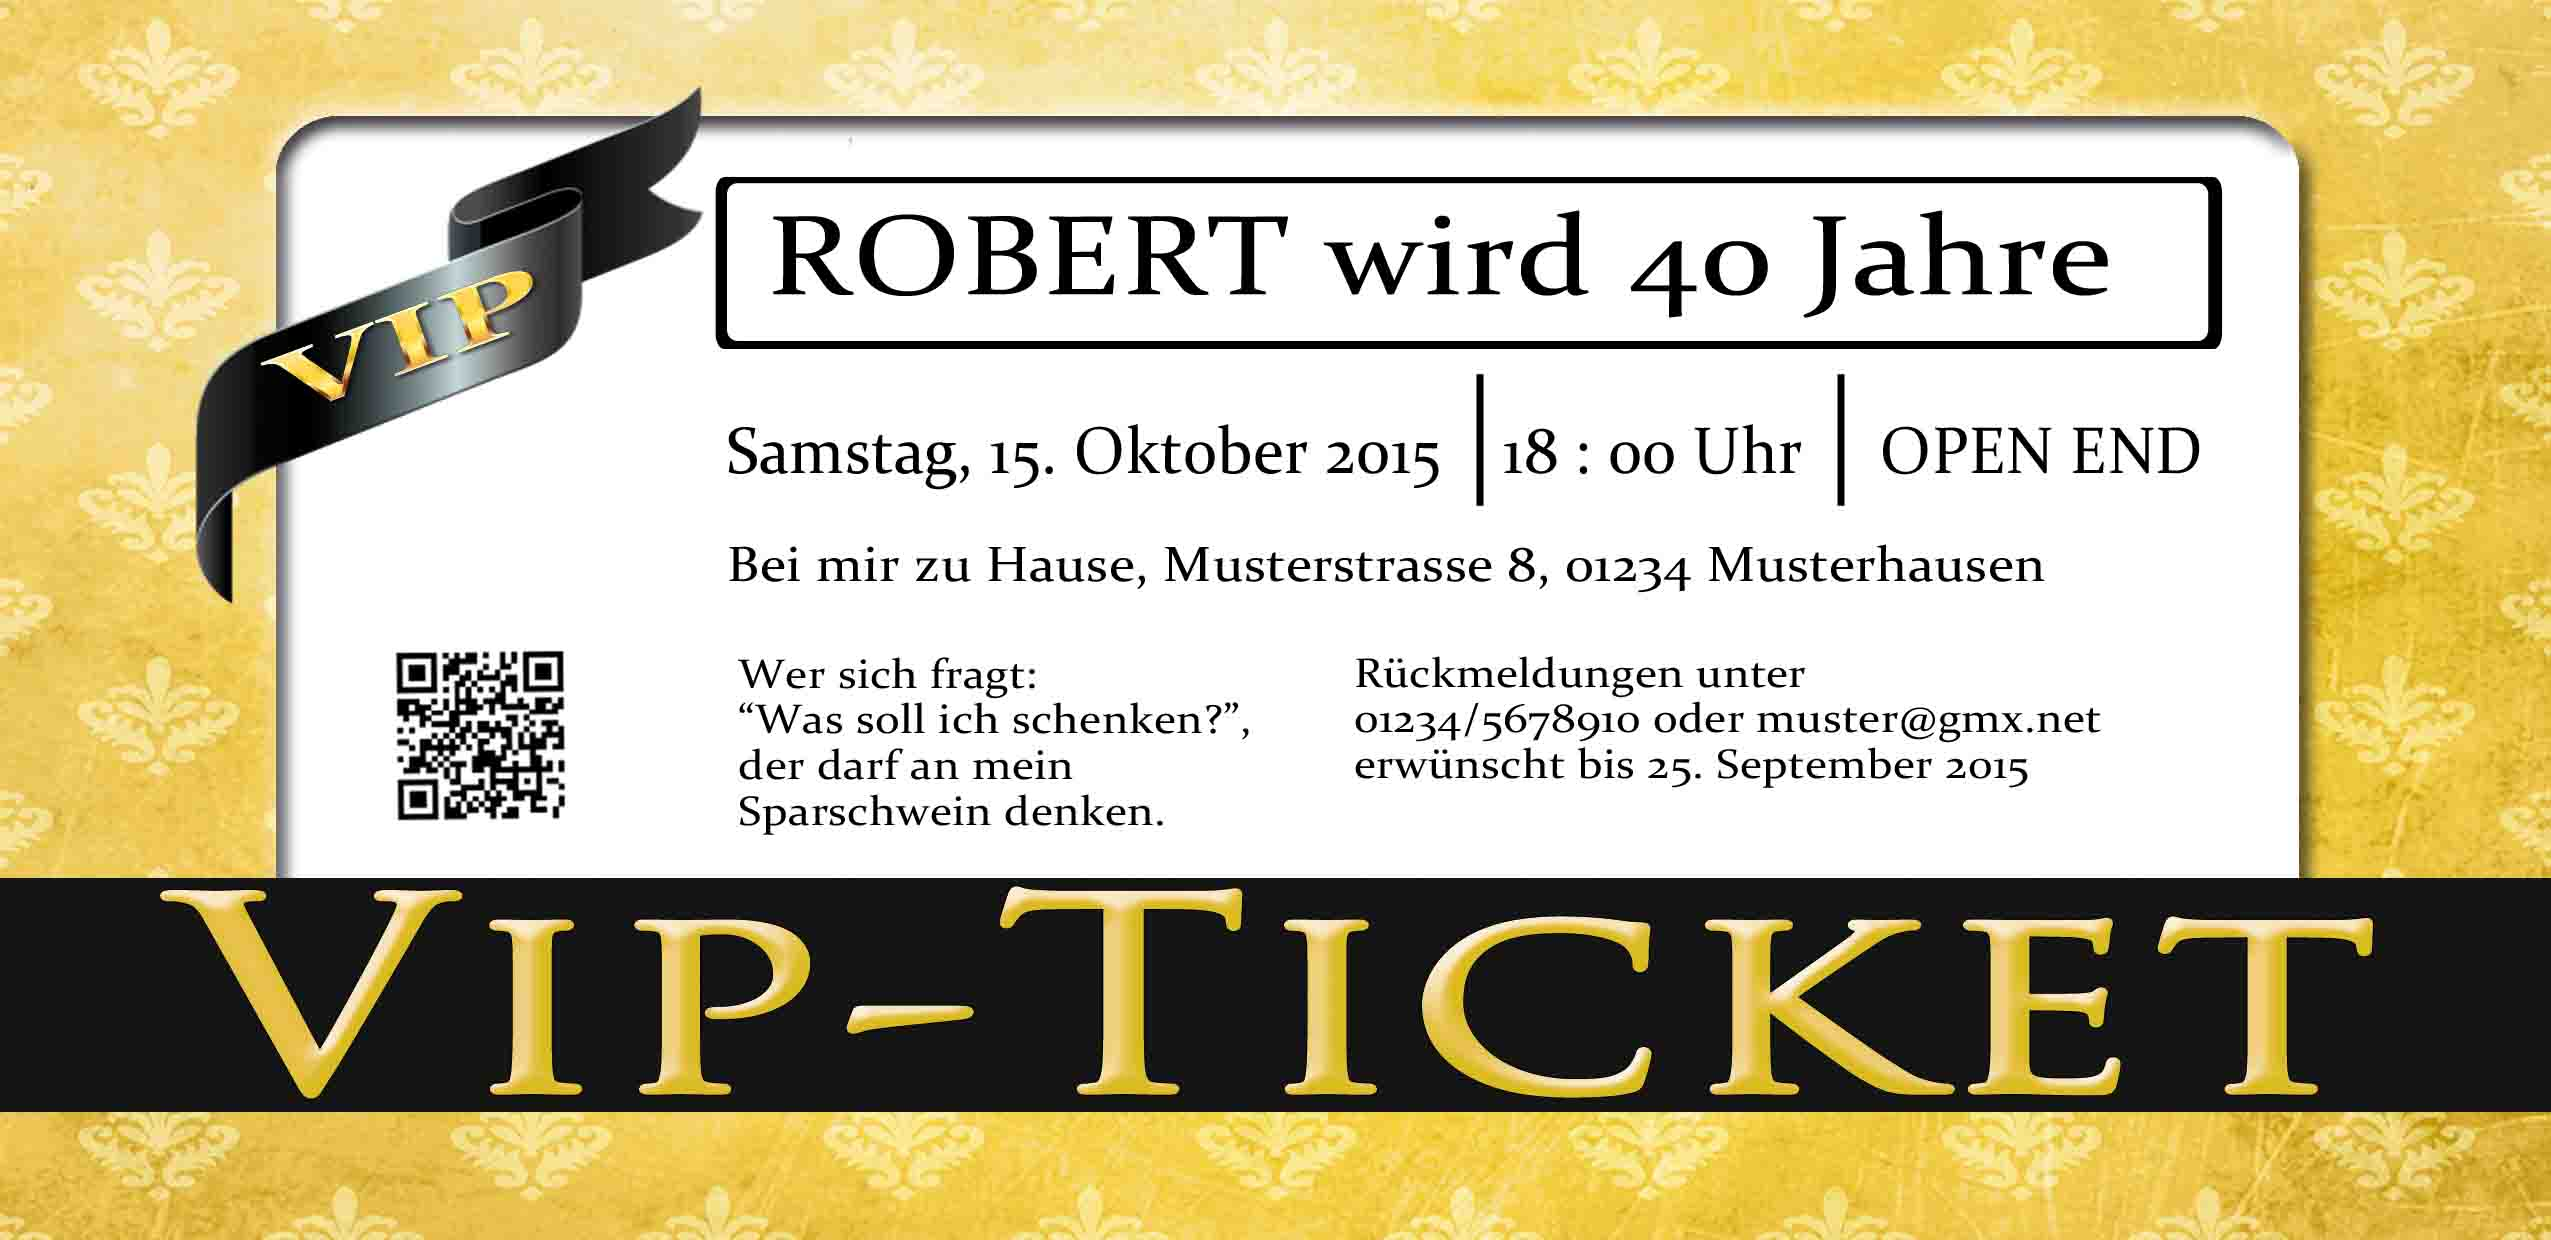 Einladungskarten VIP Ticket rot Geburtstag Einladung Party ... - Einladungskarten Vip Ticket